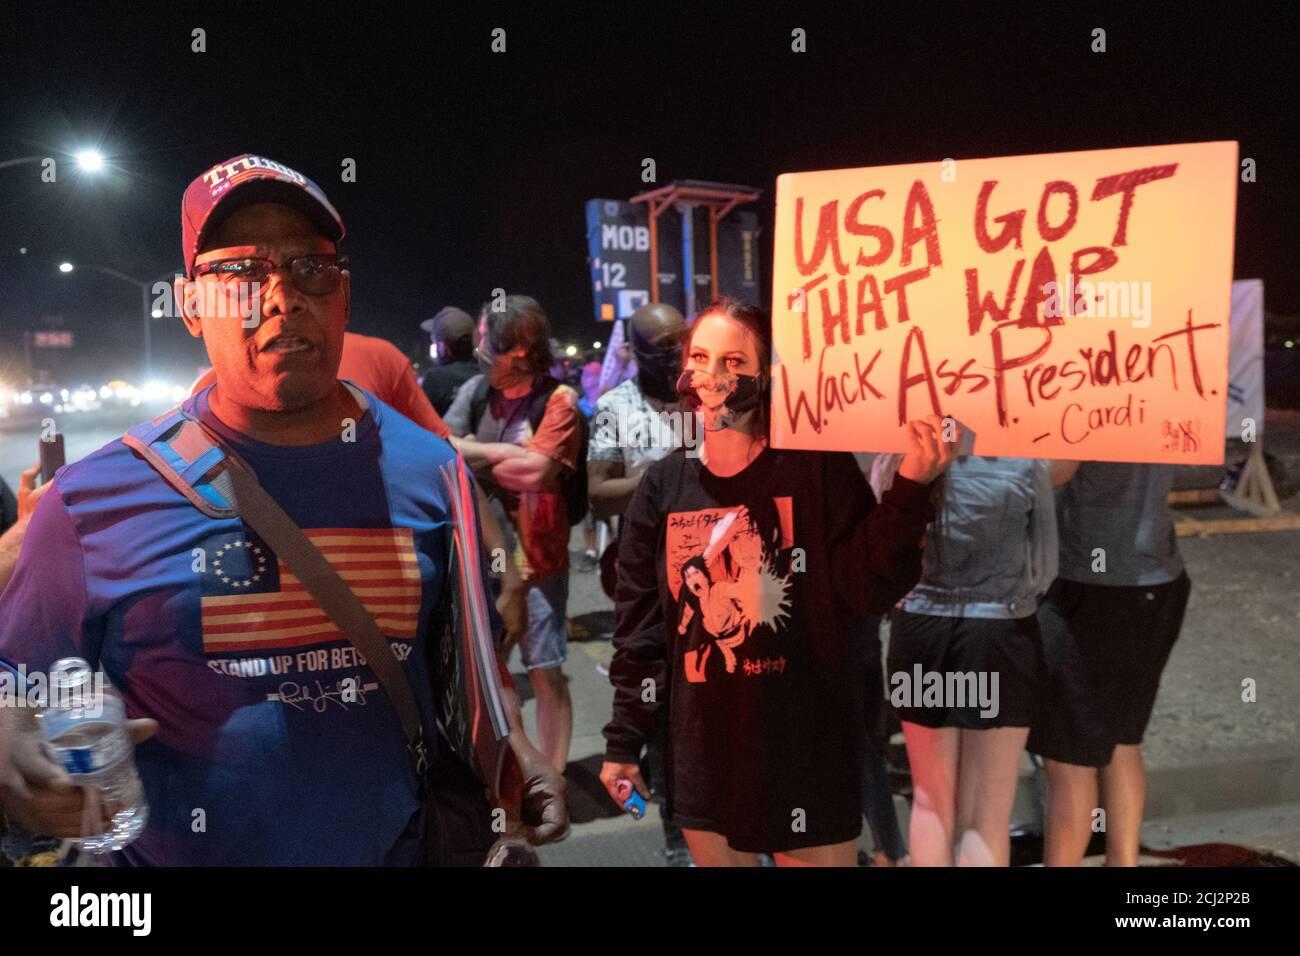 Henderson, NV, États-Unis. 13 septembre 2020. Un partisan du président Donald Trump se défend contre le mouvement Black Live Matter alors qu'un protestataires porte un signe anti-Trump avec une citation de Cardi B à côté de lui. Près de 10 manifestants se sont présentés à la manifestation du président Donald Trump à Henderson, dans le Nevada, en scandant et en tenant des panneaux devant le bâtiment Xtreme Manufacturing où Trump s'exprimait. Crédit : jeunes G. Kim/Alay Live News Banque D'Images